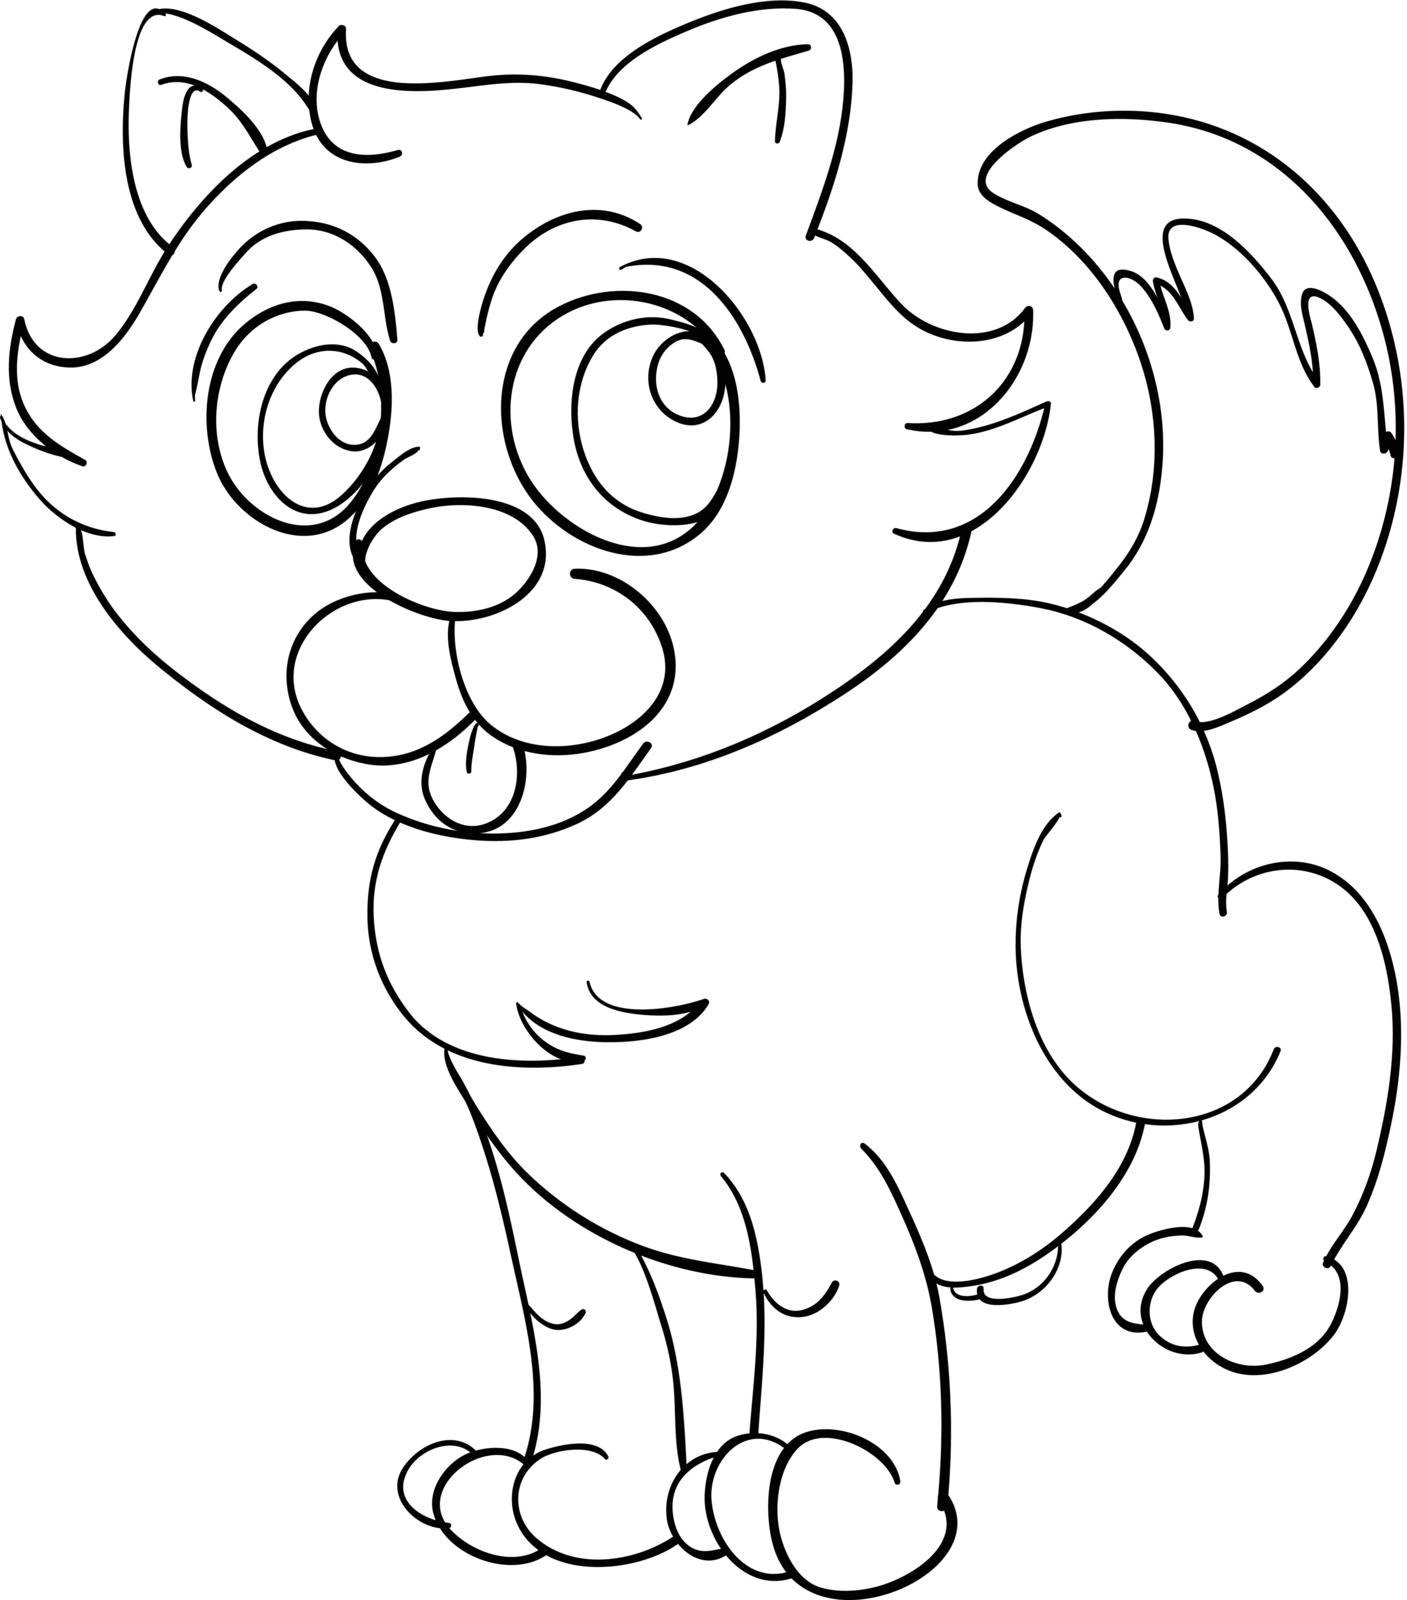 Illustration of a cat outline